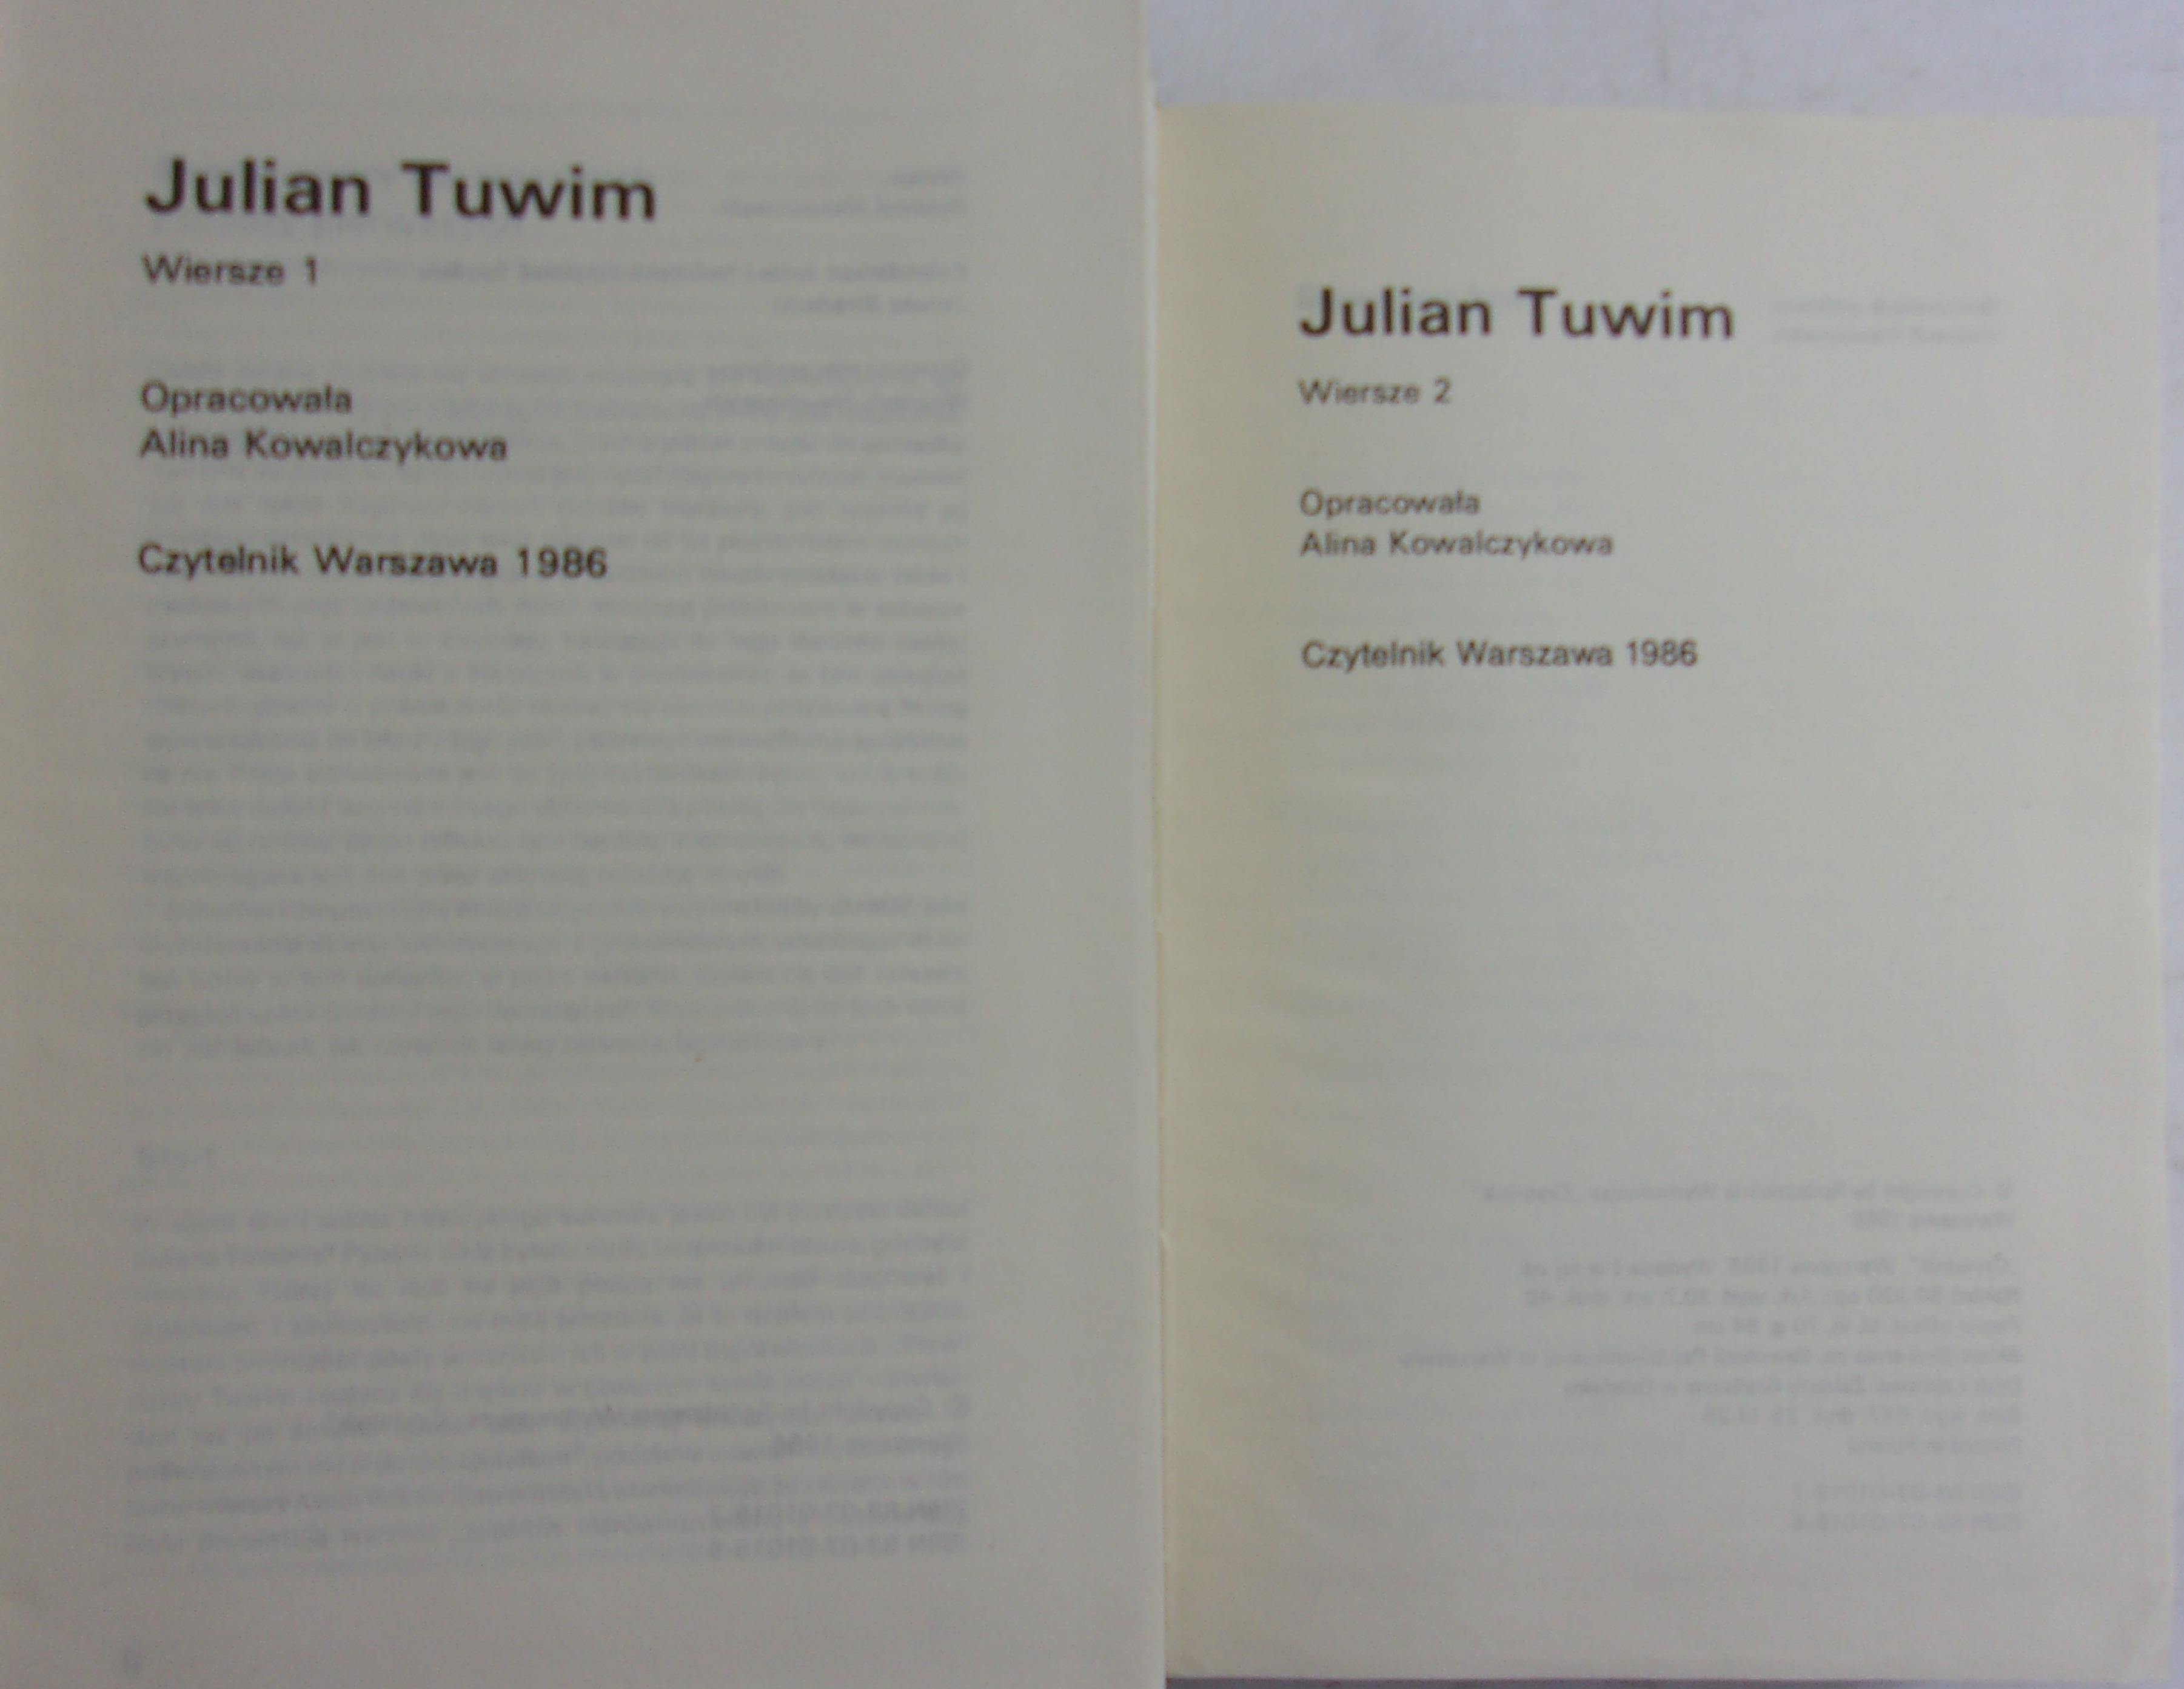 Wiersze 1 I 2 Julian Tuwim 1500 Zł Tezeuszpl